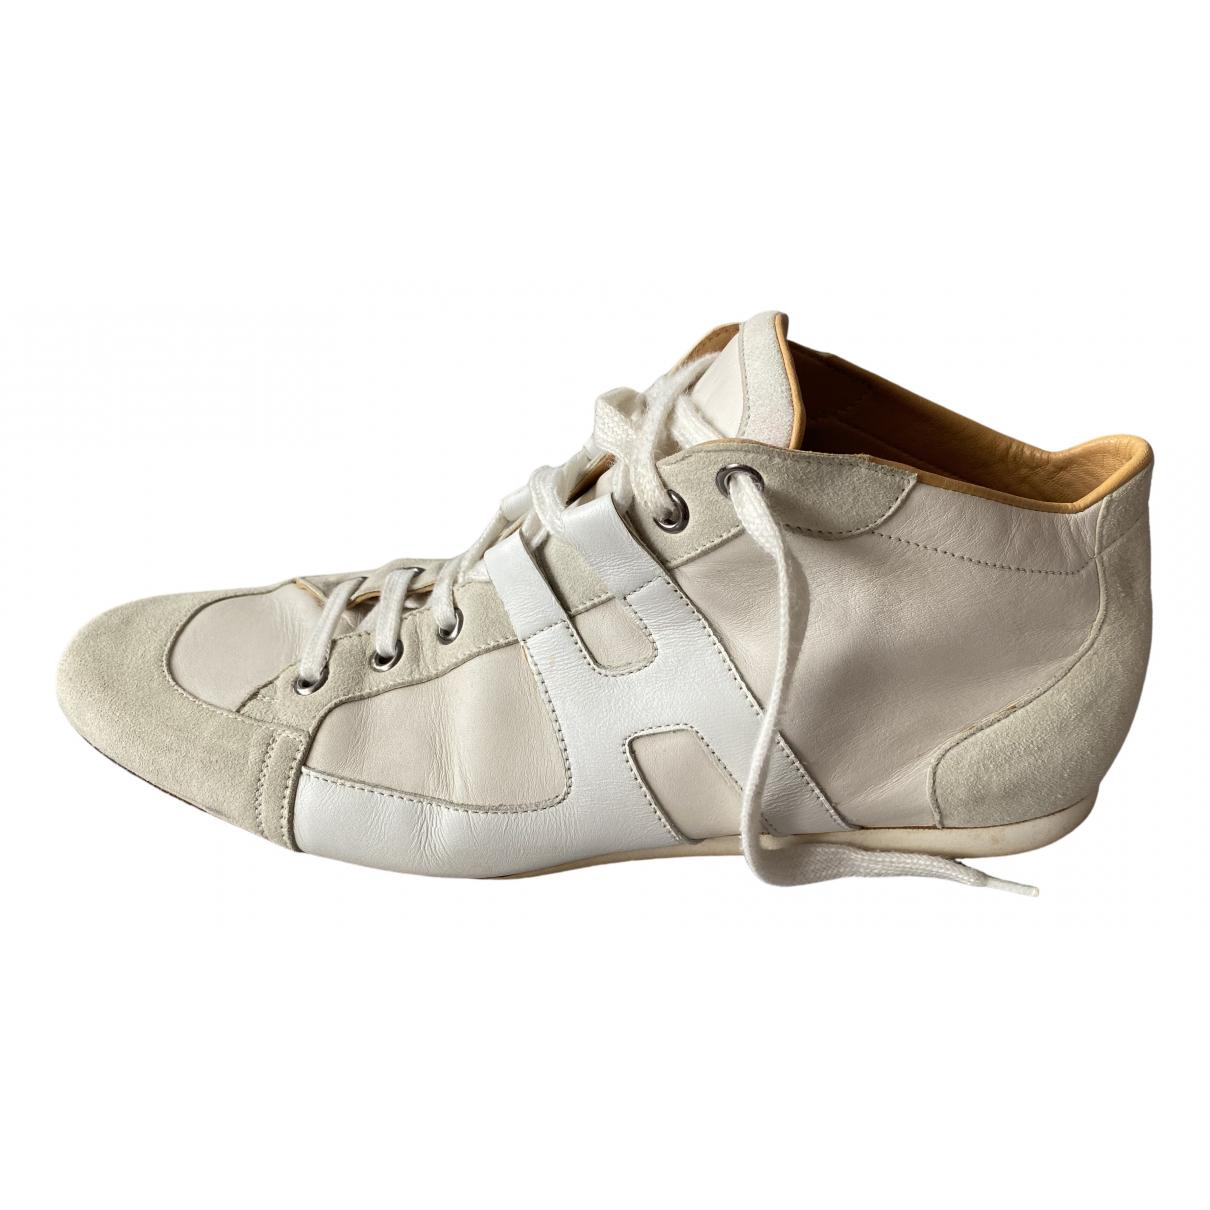 Hermes - Baskets   pour homme en cuir - blanc